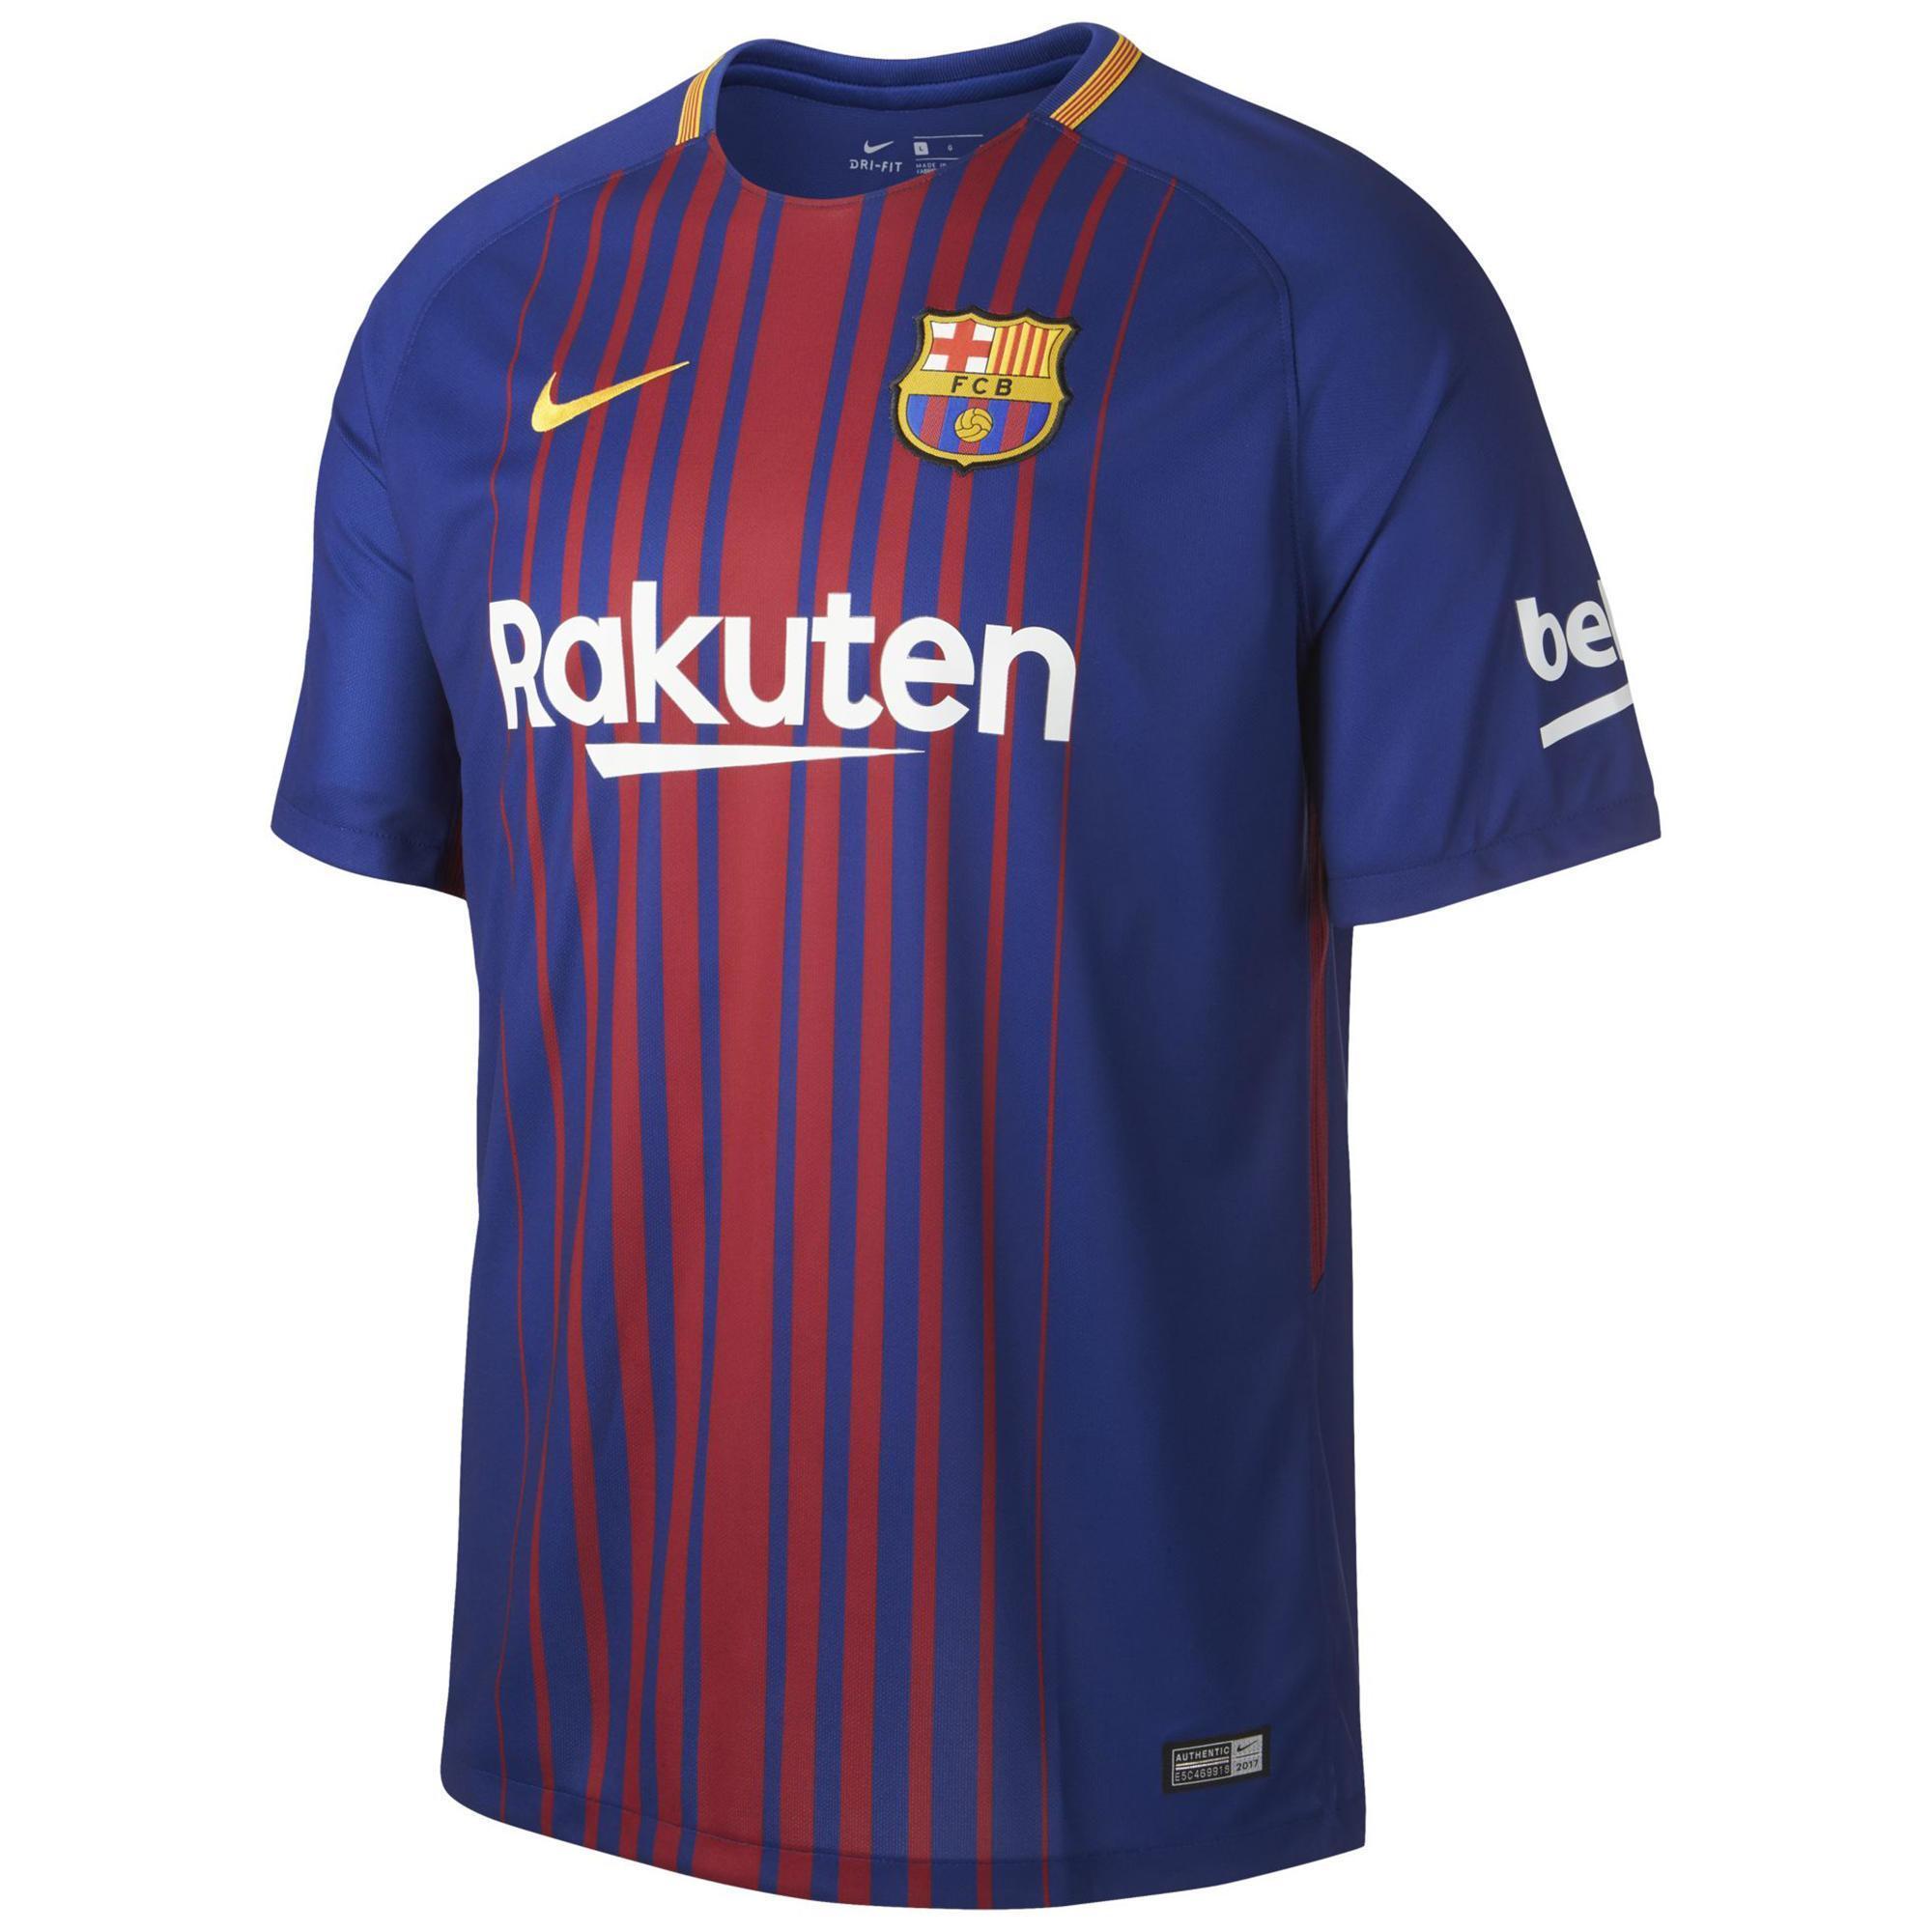 Equipación y Camiseta Oficial F.C. Barcelona 18 19  0faad505cd8